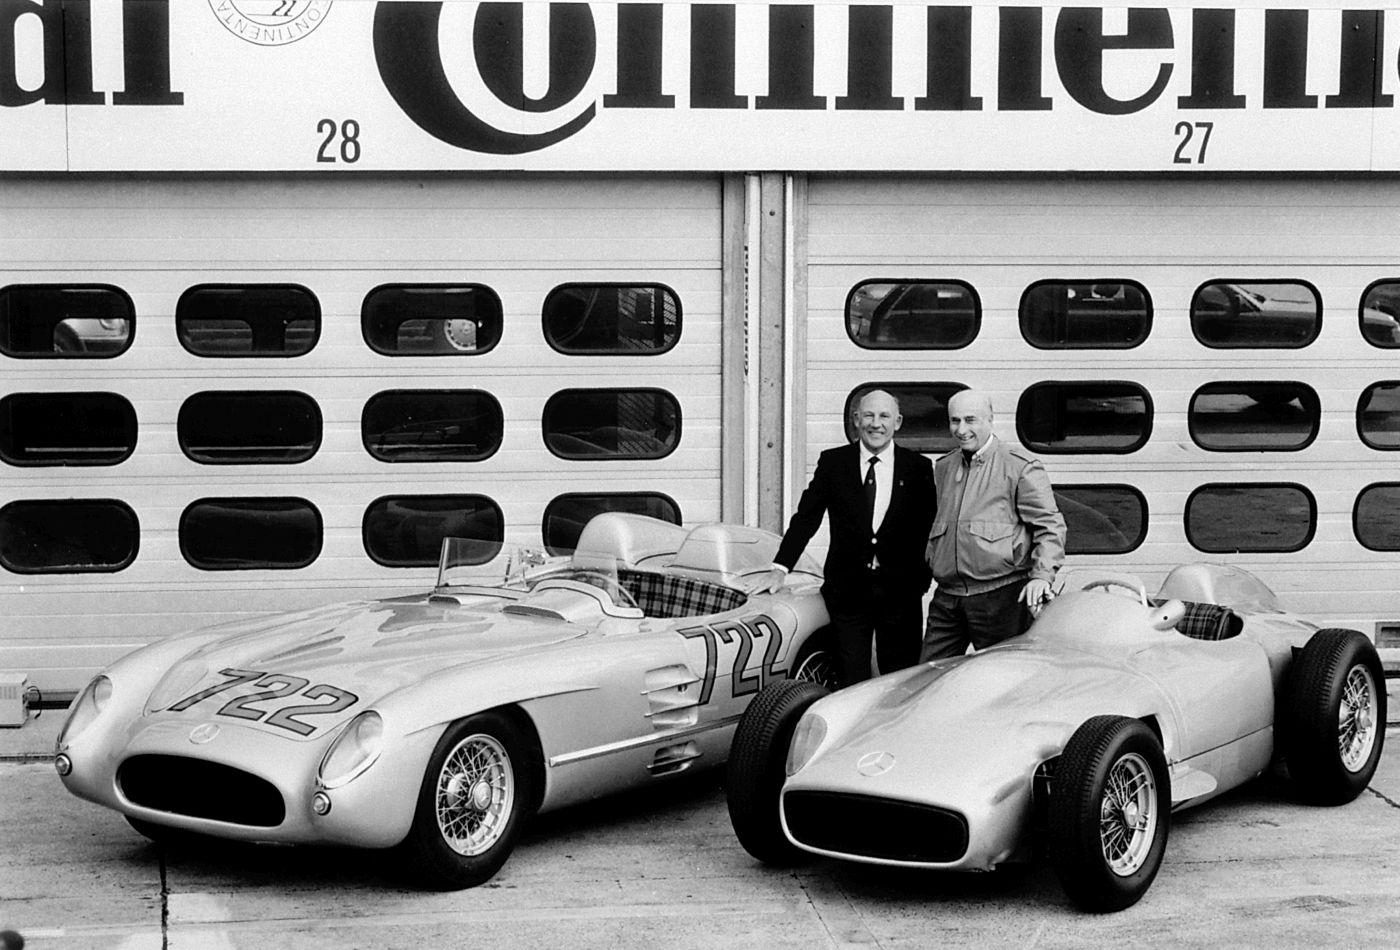 Sir Stirling Moss Juan-Manuel Fangio Mercedes-Benz (2)